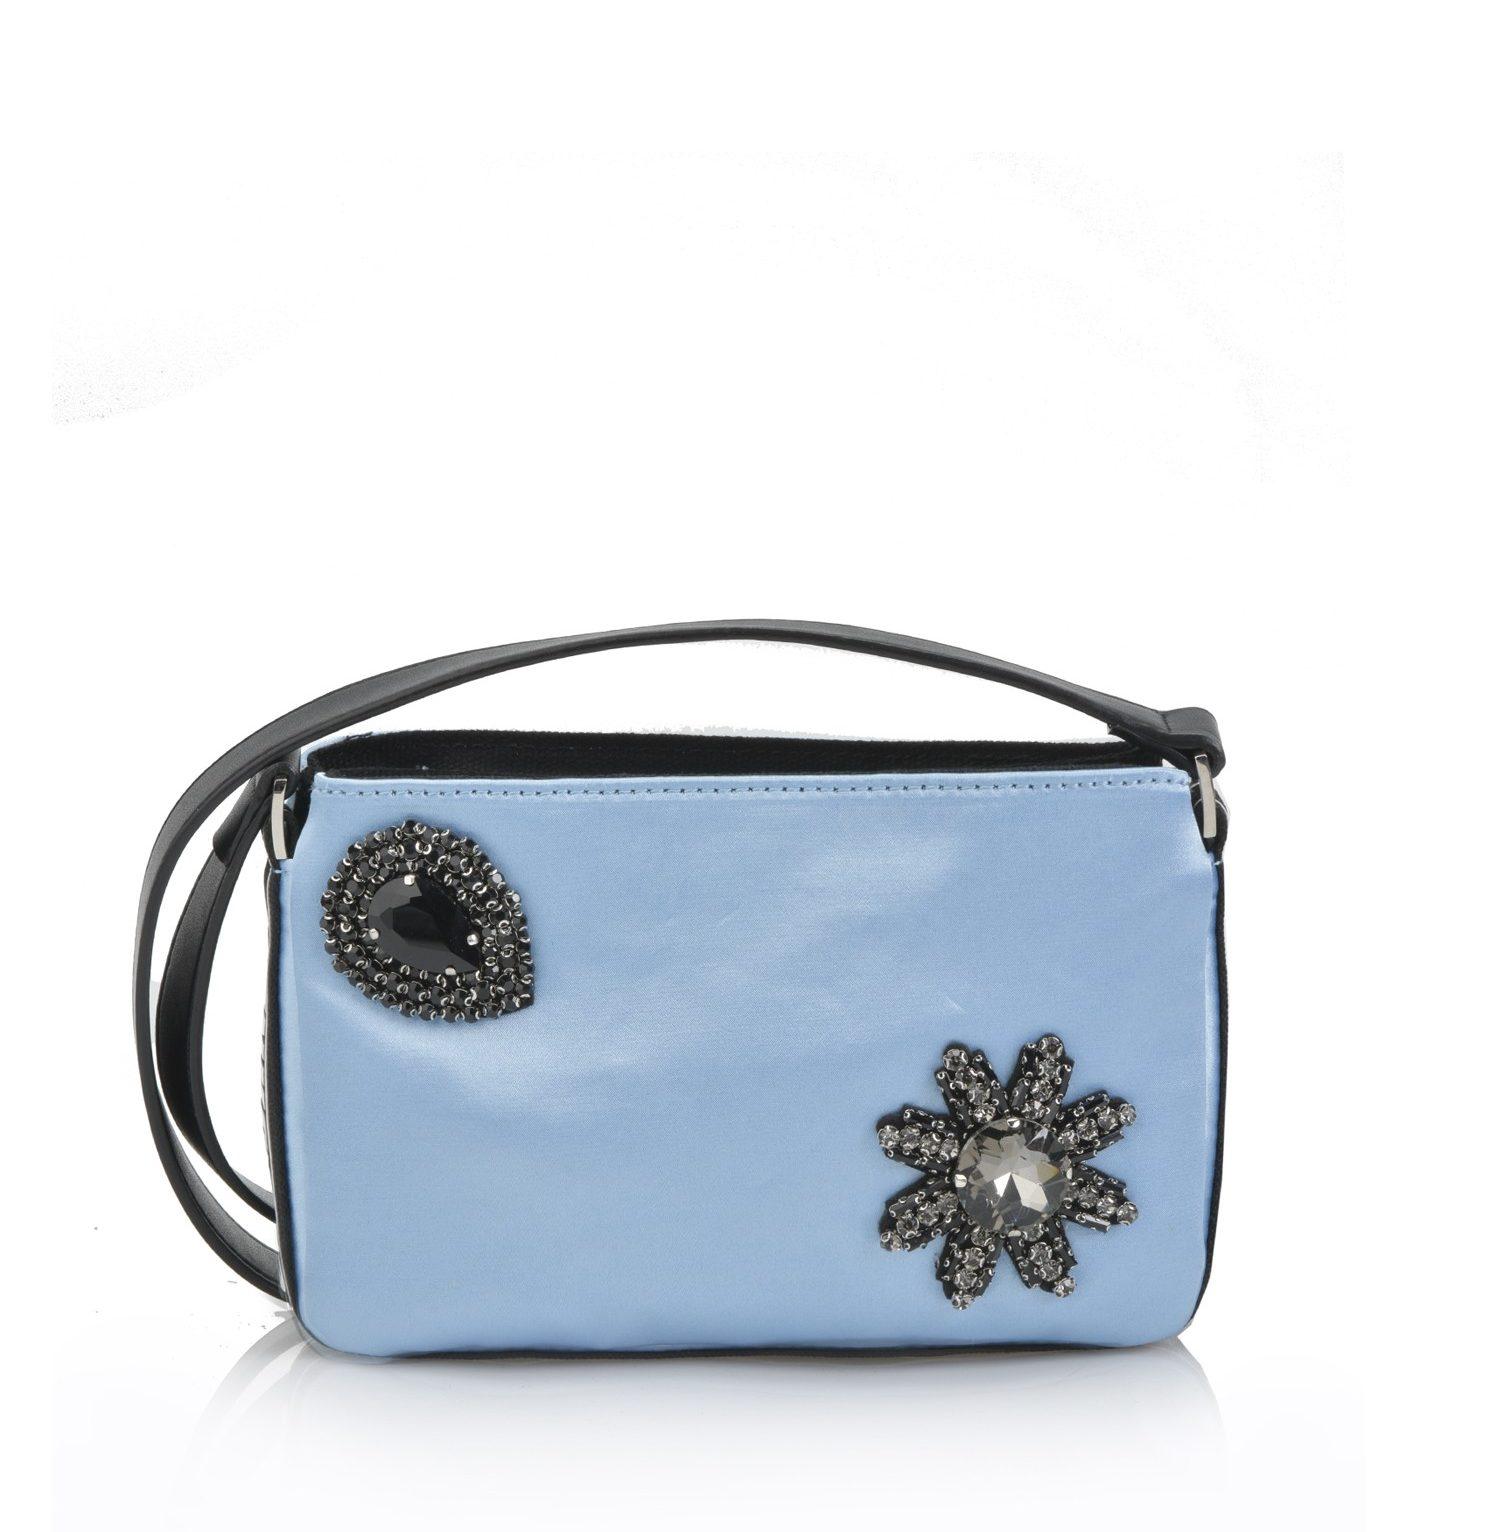 Mini pinko bag con aplicaciones joya y correa